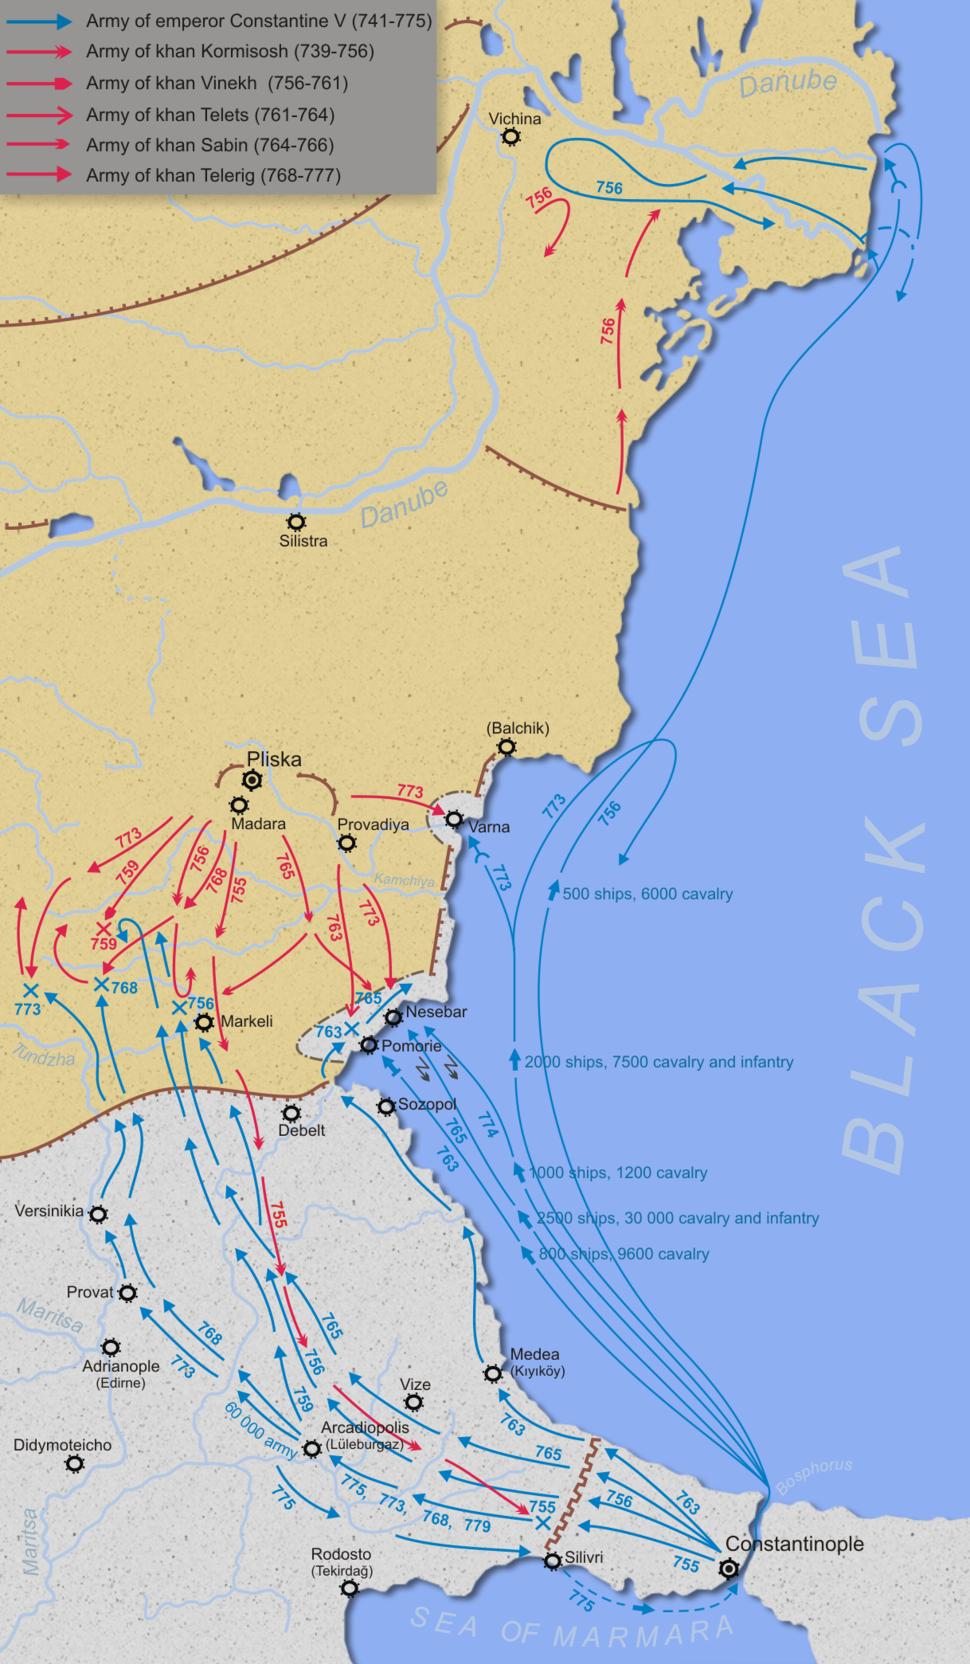 Byzantine–Bulgarian Wars (741-775)